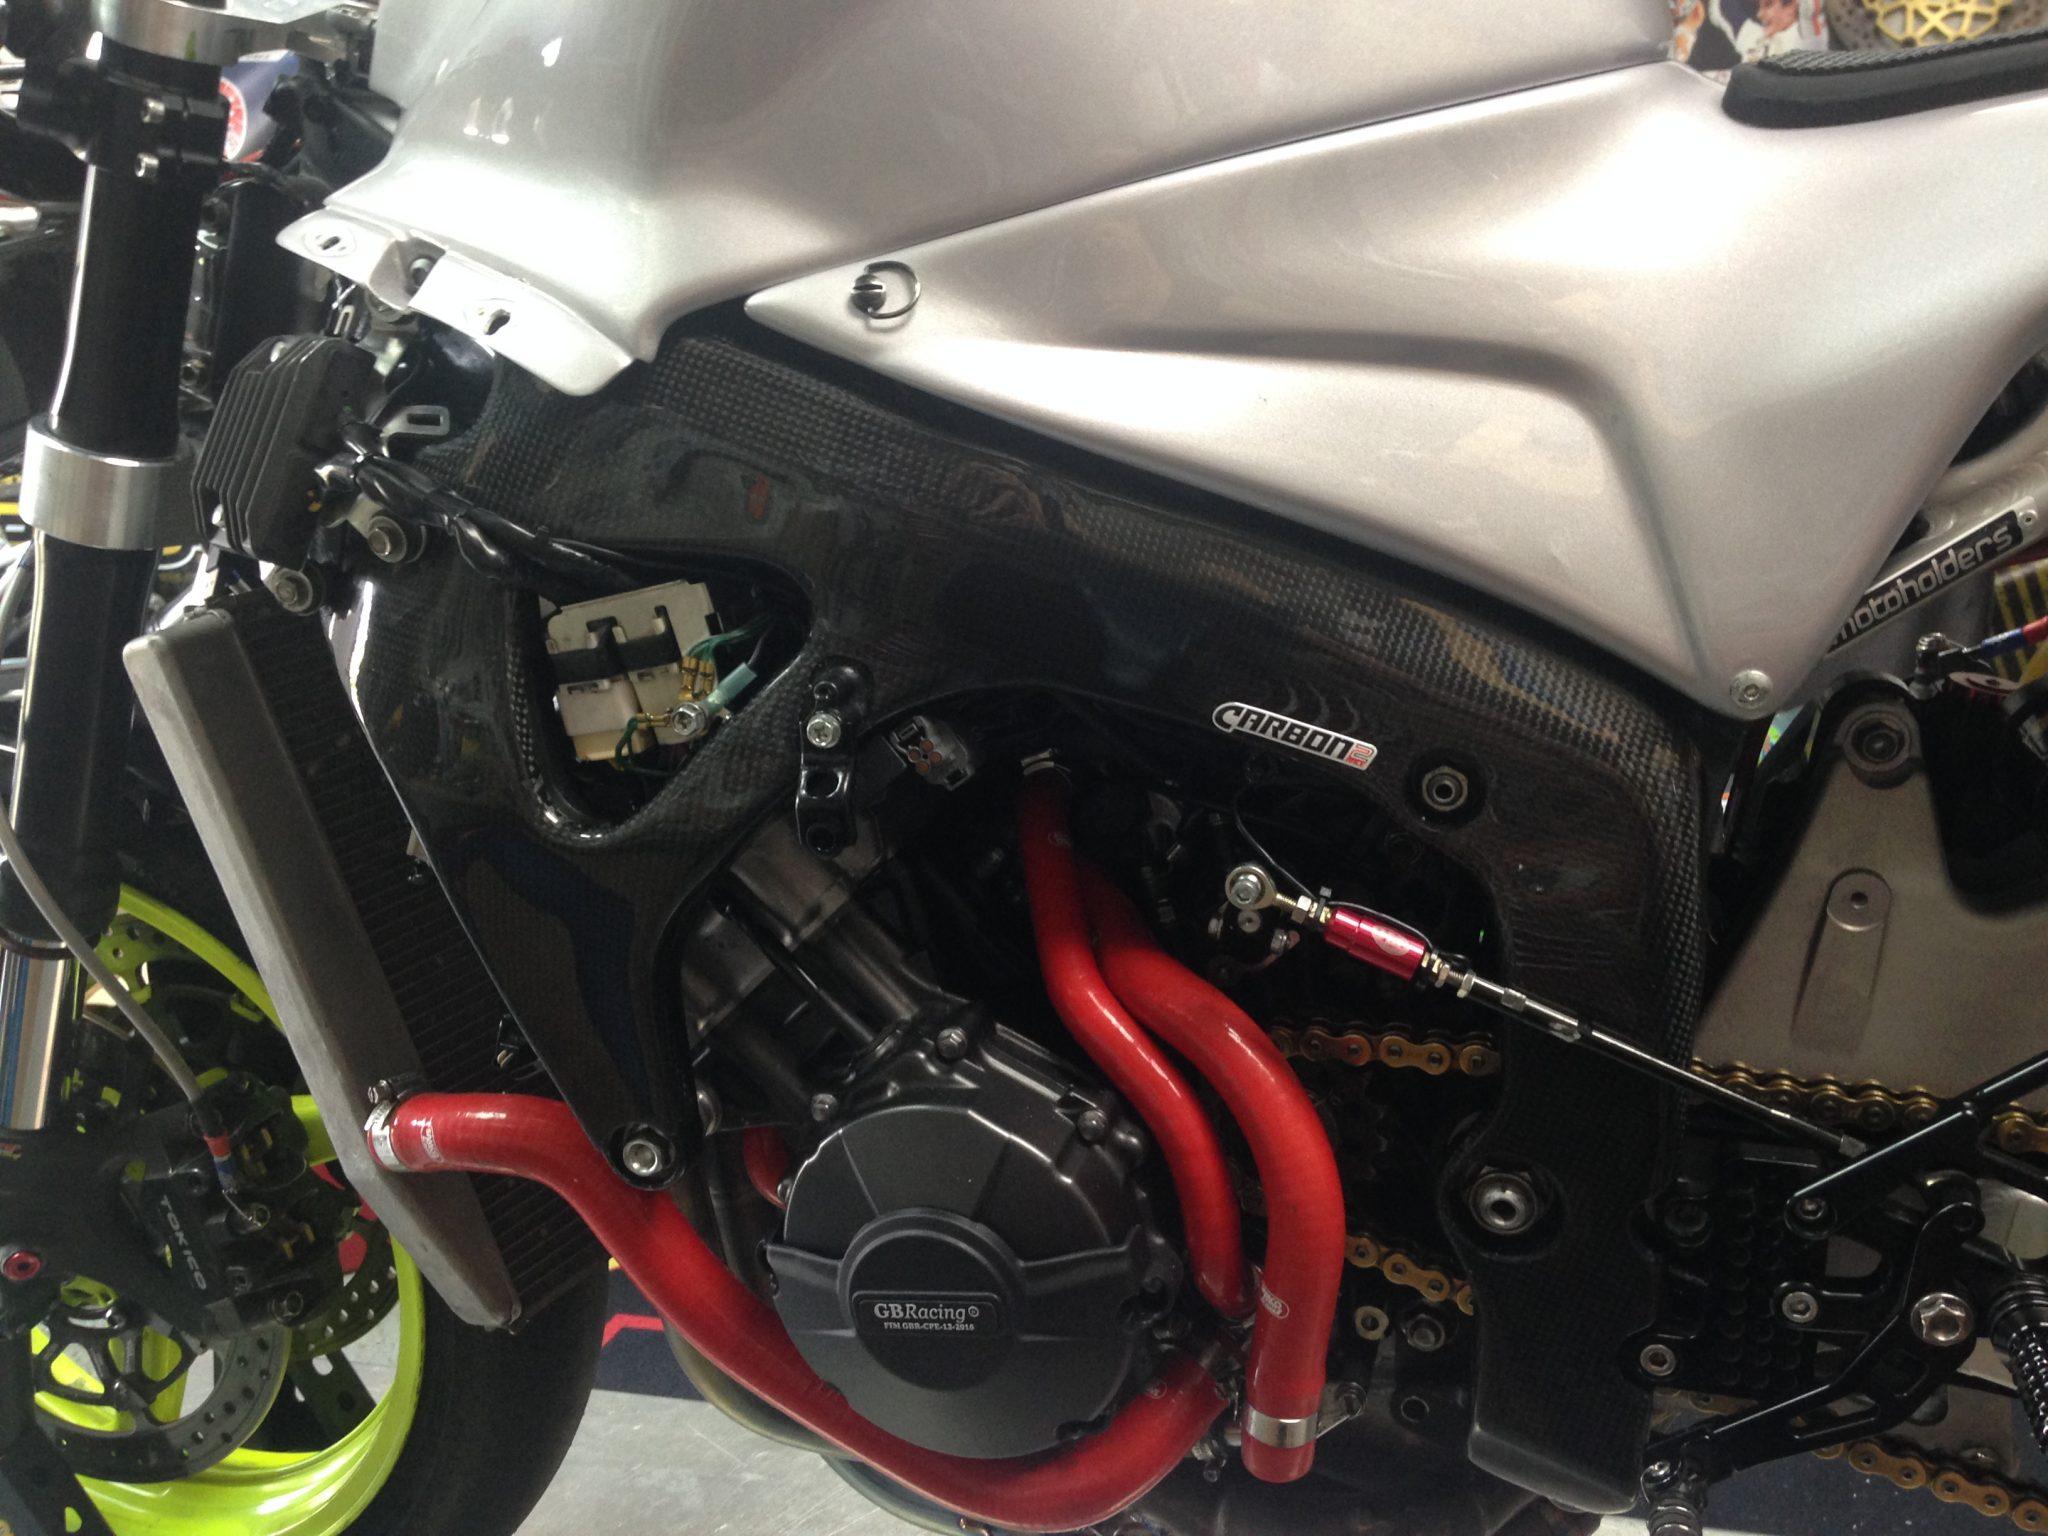 Honda Cbr 600 Rr 2007 2016 Carbon Fiber Frame Covers